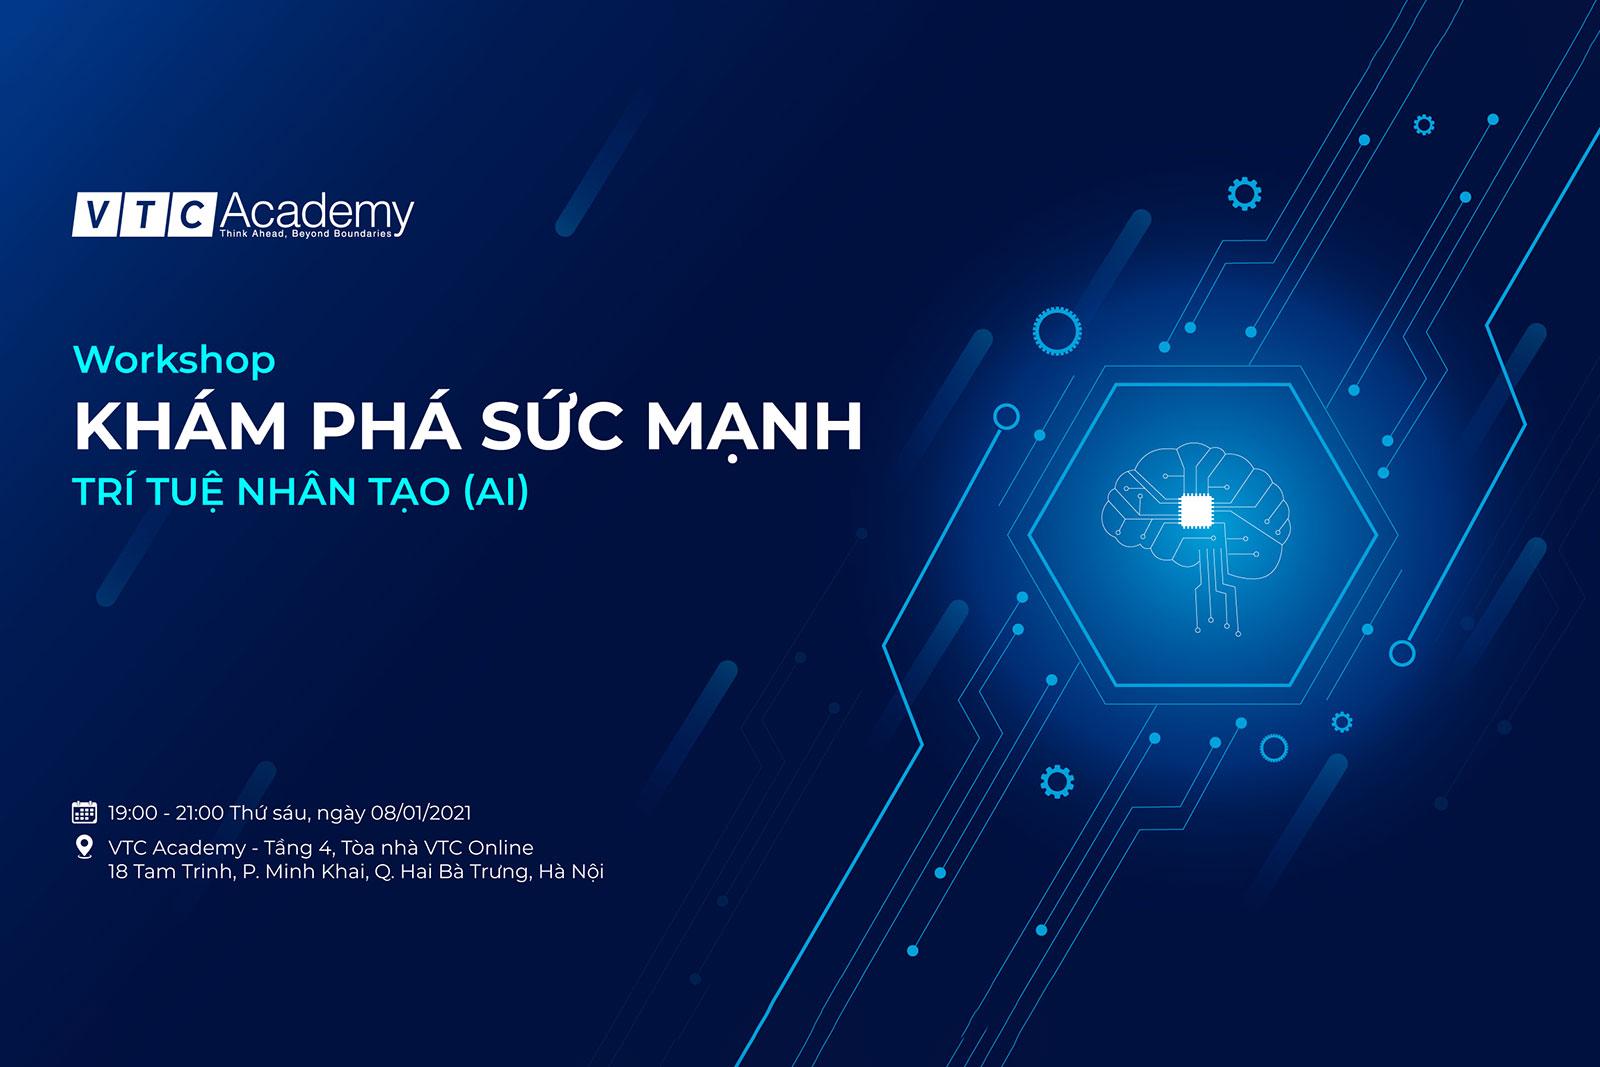 Workshop Khám phá sức mạnh Trí tuệ nhân tạo tại Hà Nội